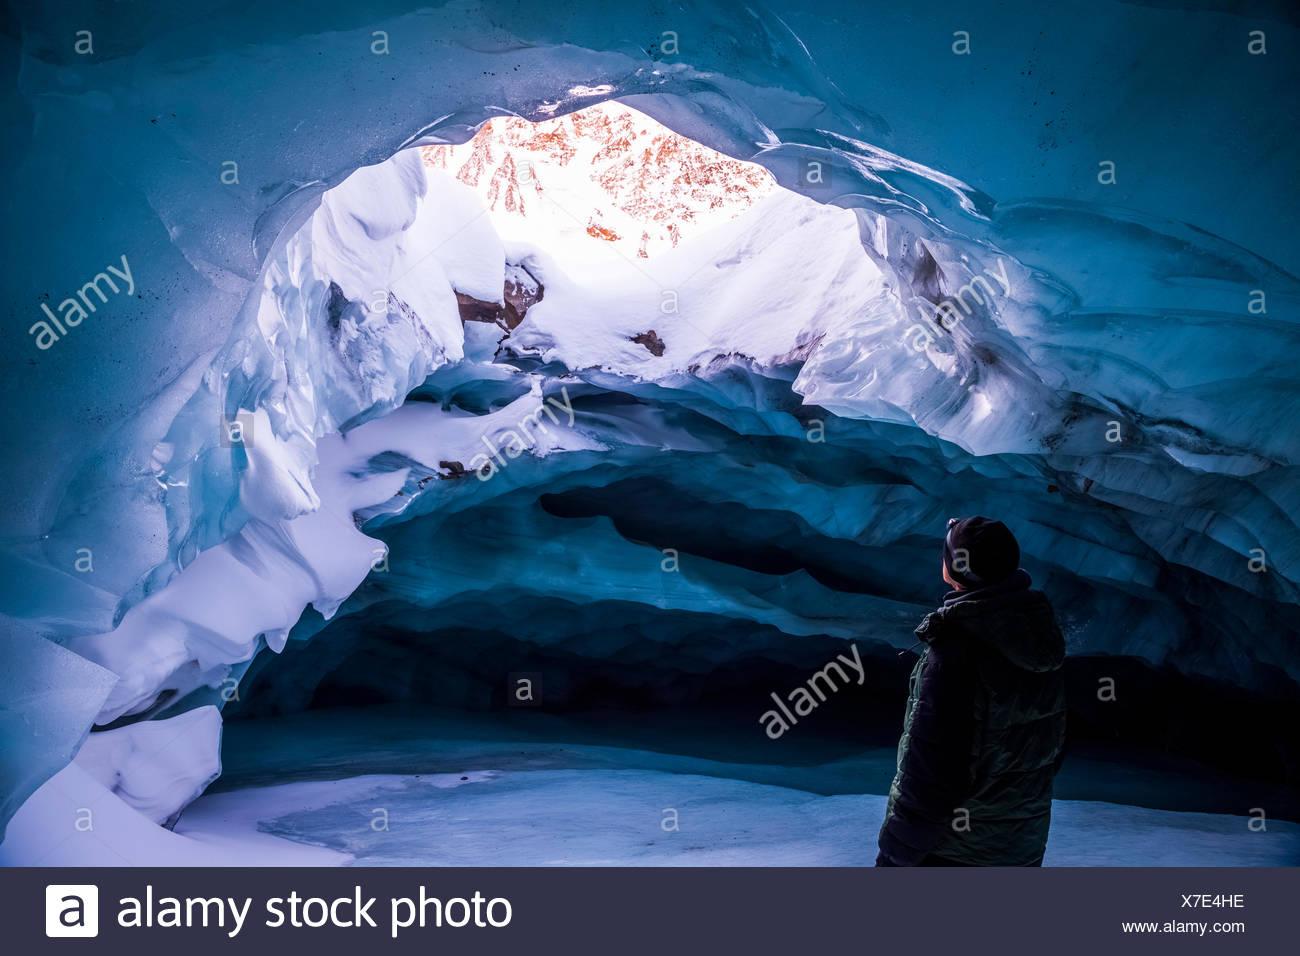 Un homme donne une ouverture dans le plafond d'une grotte de glace à l'intérieur de l'Augustana Glacier dans l'hiver, de l'Alaska, l'intérieur de l'Alaska, USA Photo Stock